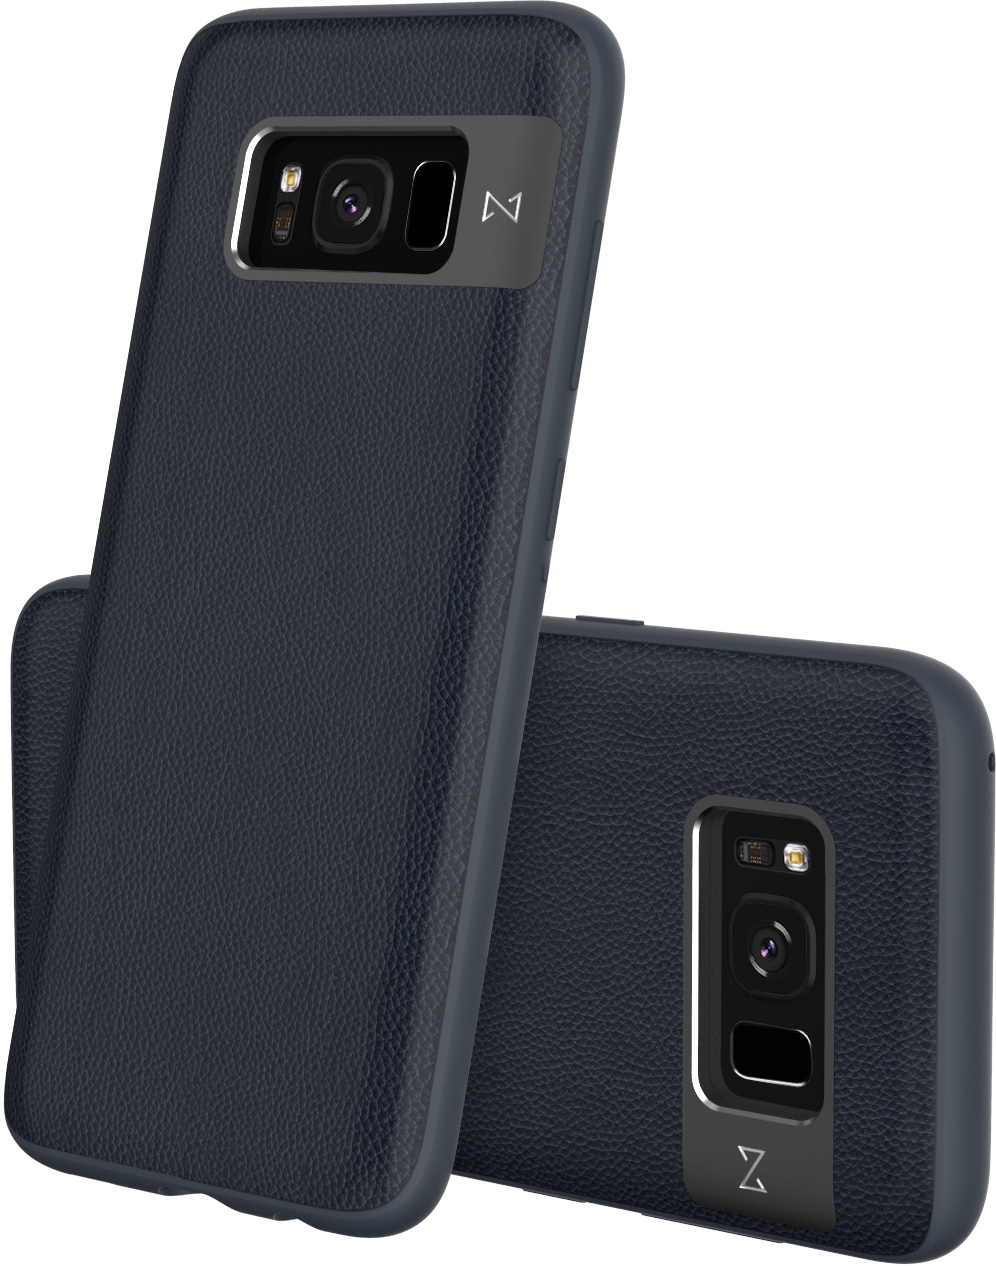 Matchnine Tailor чехол для Samsung Galaxy S8, Dark BlueENV020Чехол Matchnine Tailor - стильный аксессуар, обеспечивающий надежную защиту Samsung Galaxy S8 от ударов и других воздействий. Его задняя панель изготовлена из жесткого поликарбоната, стилизованного под кожу, а бампер - из эластичного полиуретана. Кроме того, он украшен металлической накладкой, обрамляющей камеру.Мягкая рамка позволяет быстро надевать клип-кейс. Она слегка выступает над экраном, защищая его от контактов с твердыми поверхностями.Несмотря на отличные защитные свойства, чехол практически не увеличивает размеры устройства. С ним мобильный девайс можно носить в кармане или в специальном отделении сумки. Вырезы в клип-кейсе предоставляют доступ к важнейшим деталям смартфона, включая камеры, кнопки и разъемы.